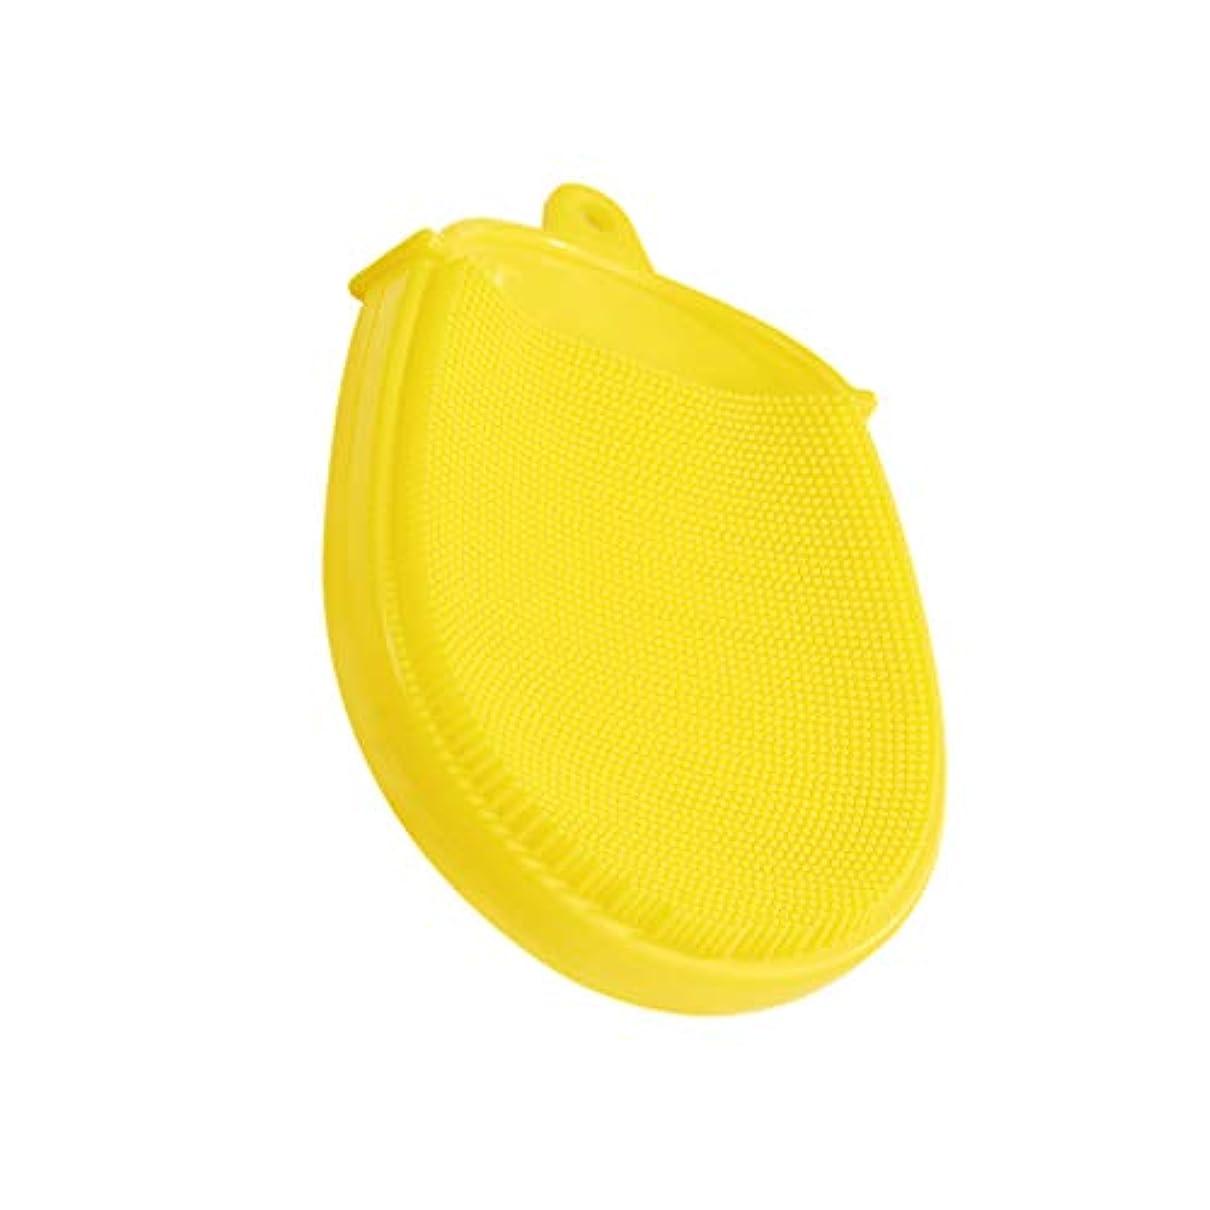 意欲尊厳近傍Heallily バスブラシシリコンボディブラシソフトマッサージバックブラシクレンジングスクラバーキッズバスアクセサリー(黄色)